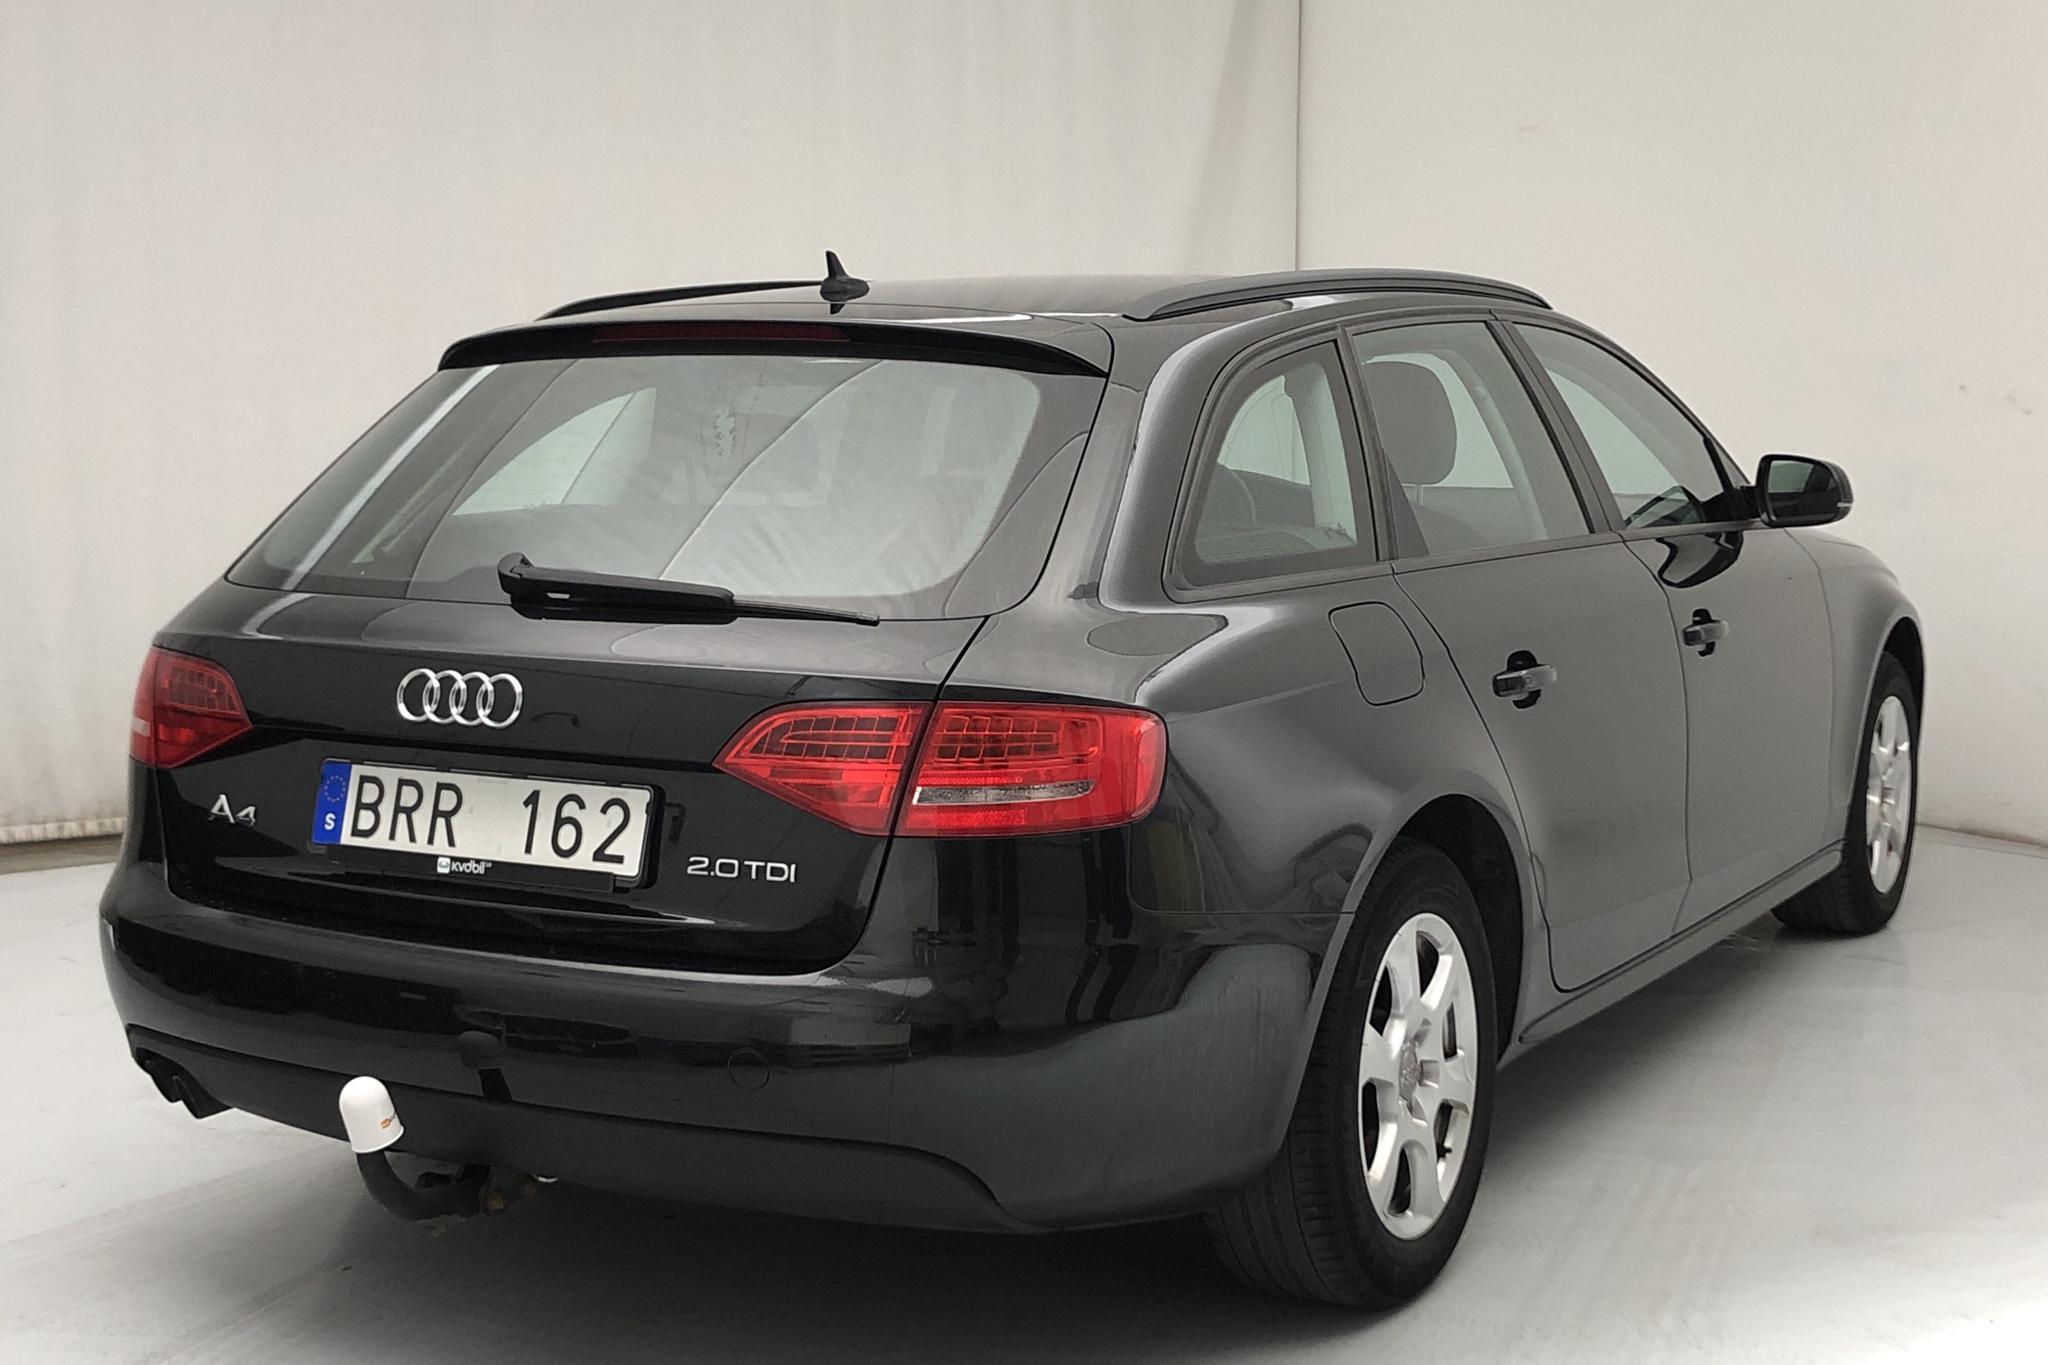 Audi A4 2.0 TDI Avant (143hk) - 19 051 mil - Manuell - svart - 2010